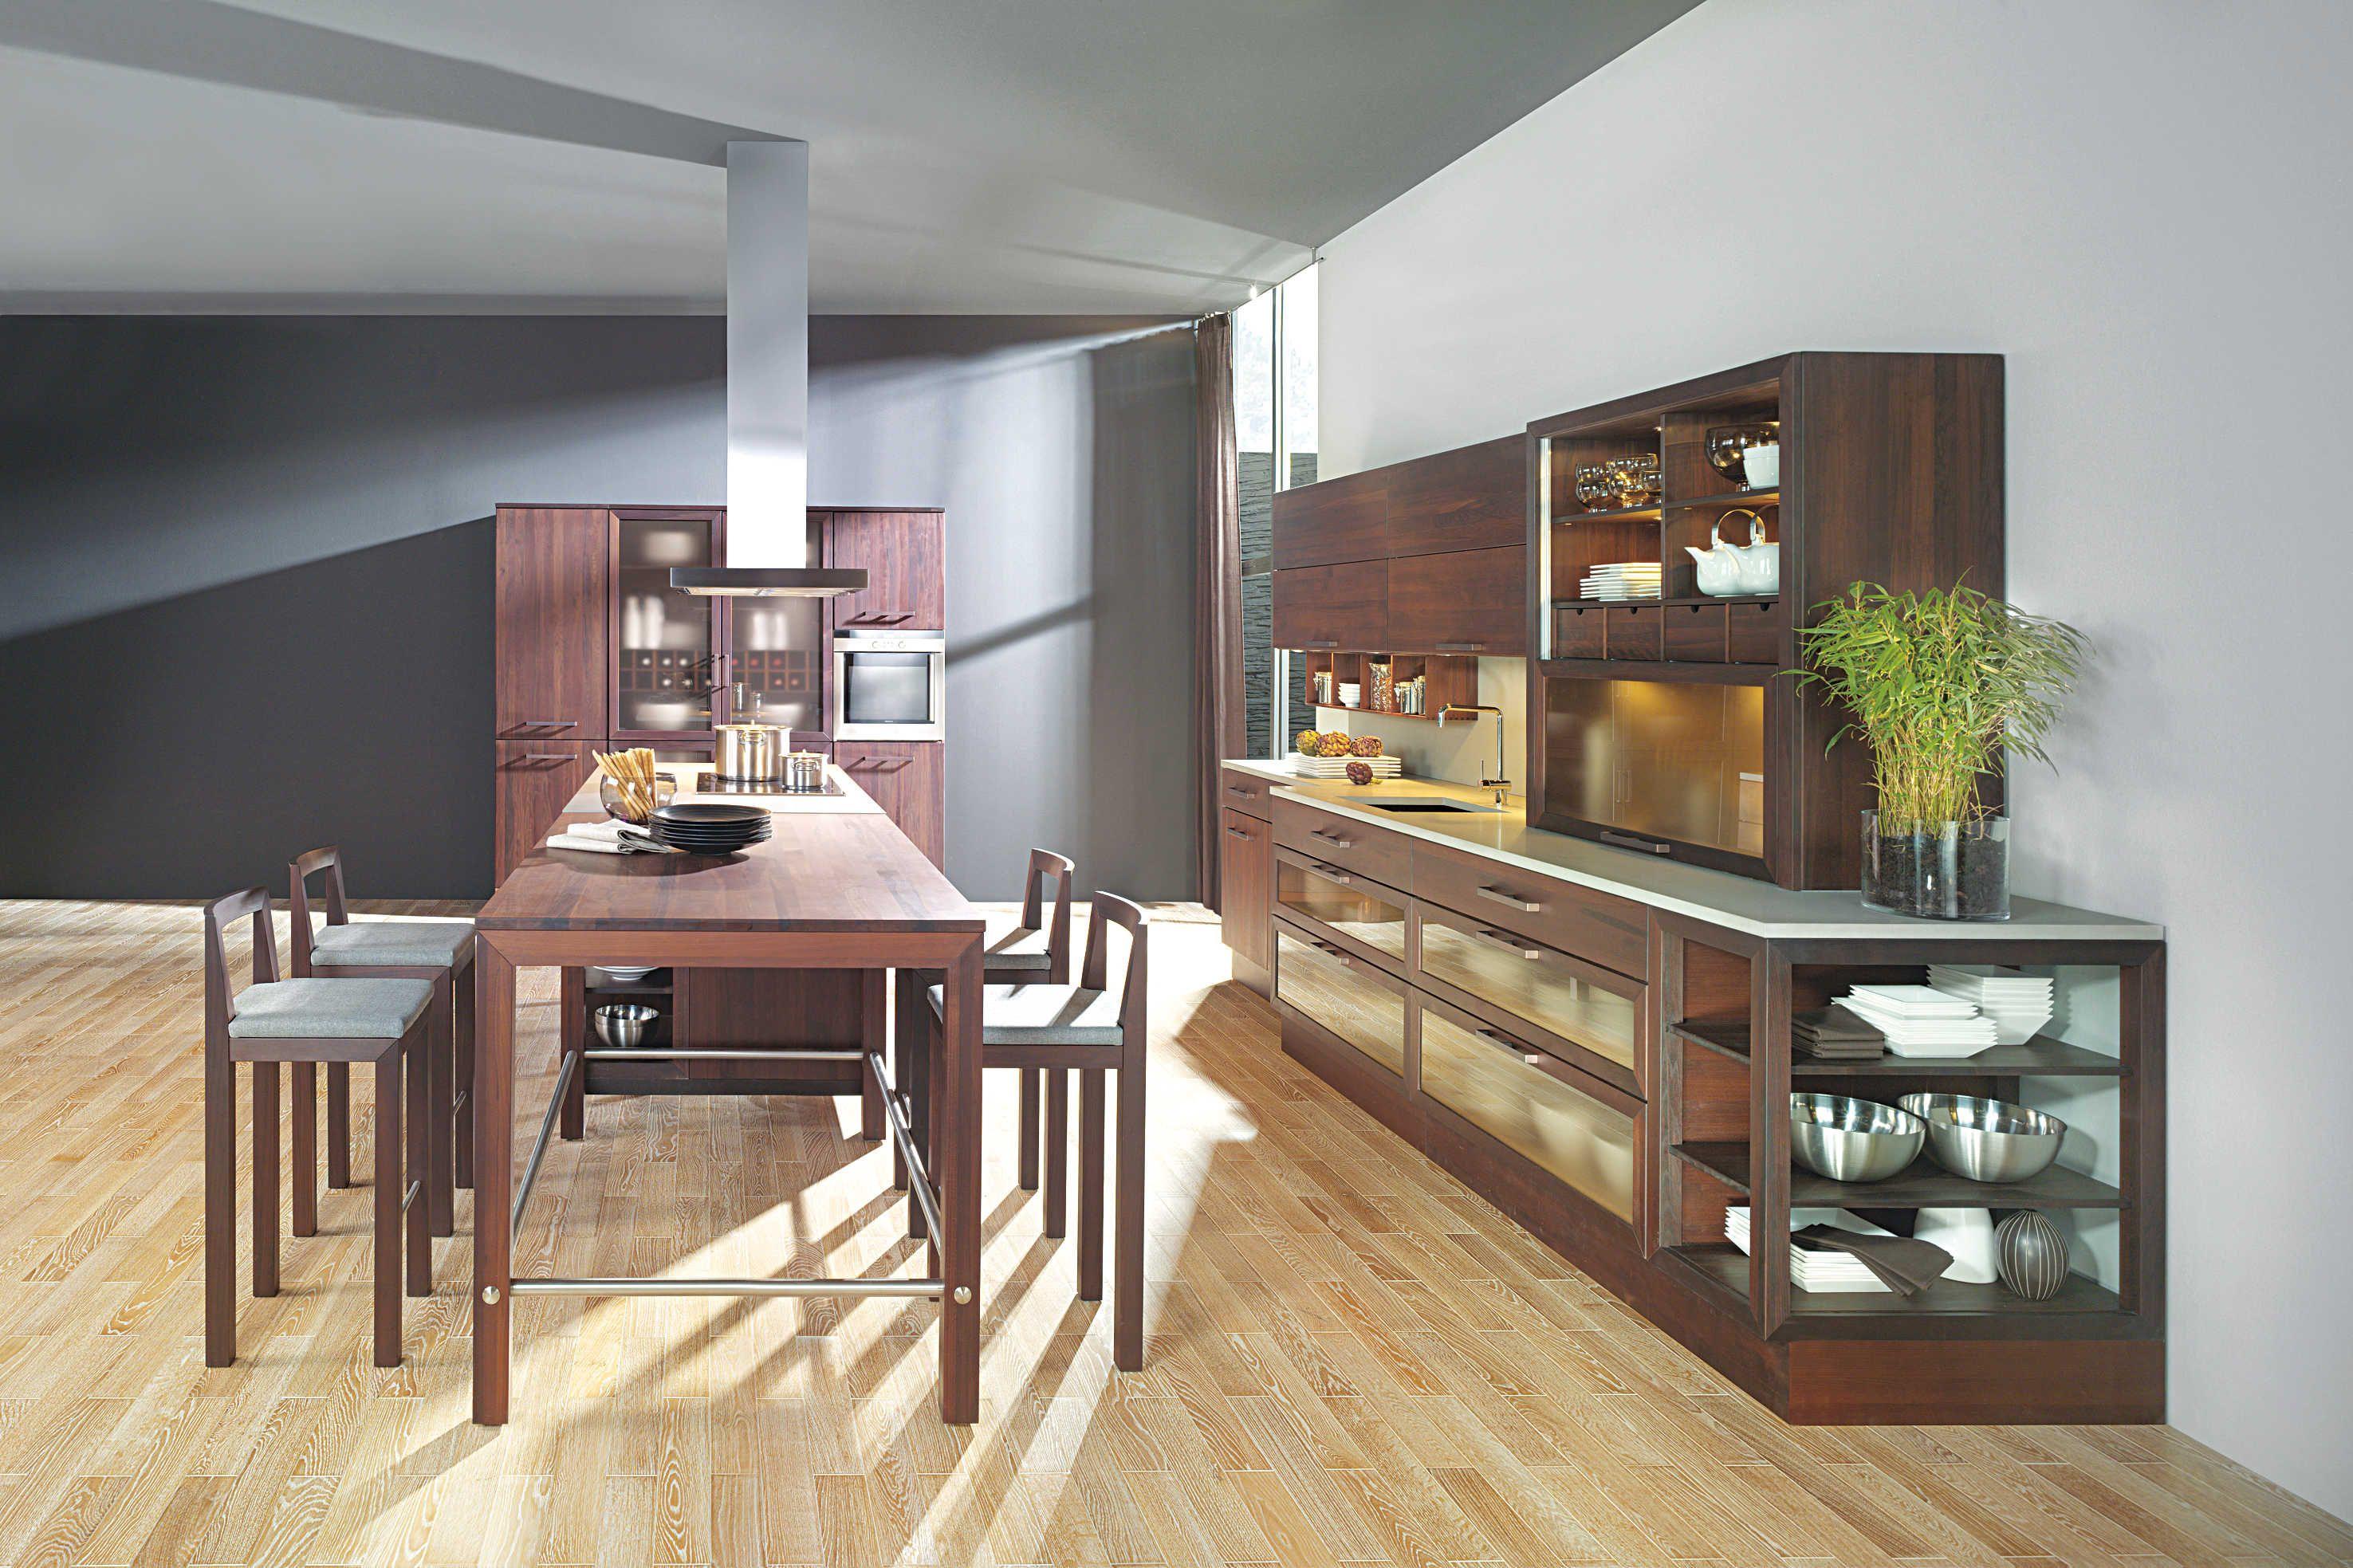 küche höffner | jtleigh.com - hausgestaltung ideen - Küche Höffner Erfahrung